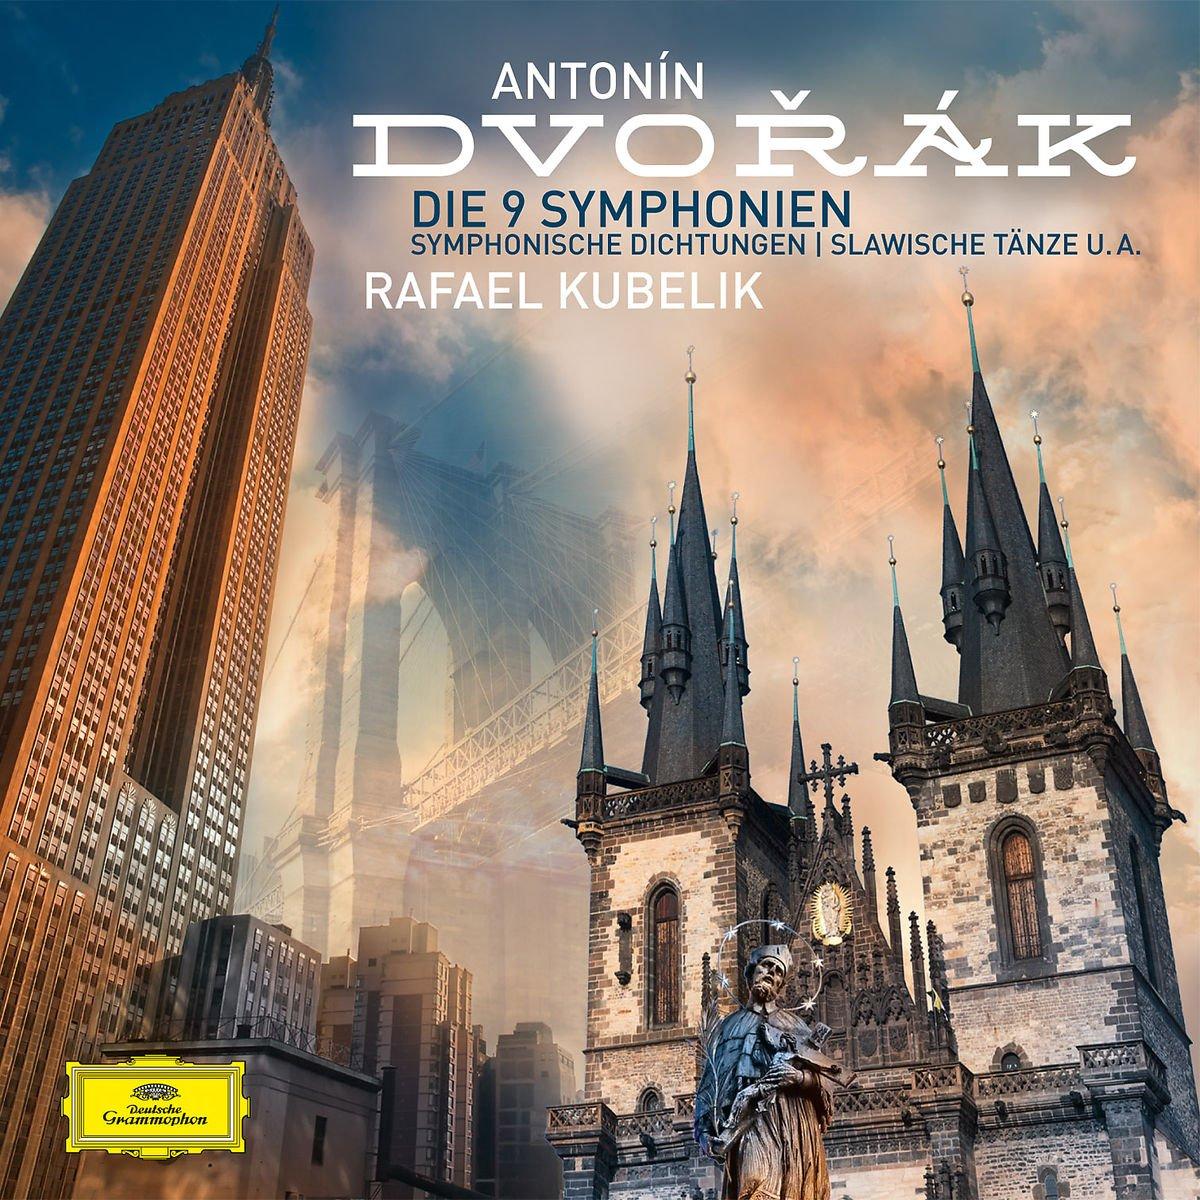 Dvorak, symphonies autres que la 9ème, du nouveau monde - Page 3 81tG9CGISrL._SL1500_